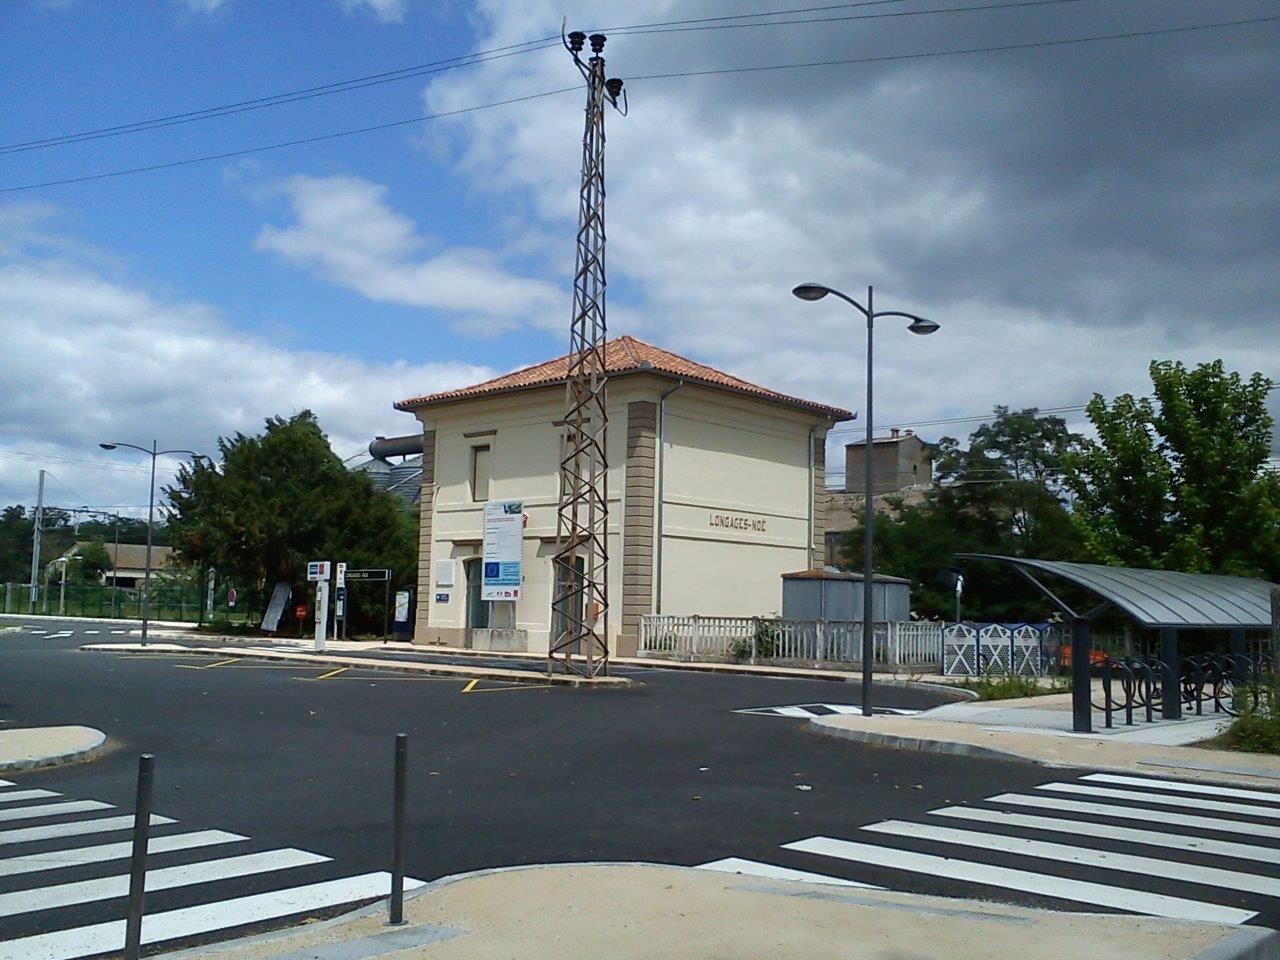 gare-de-longages-noe-train-station